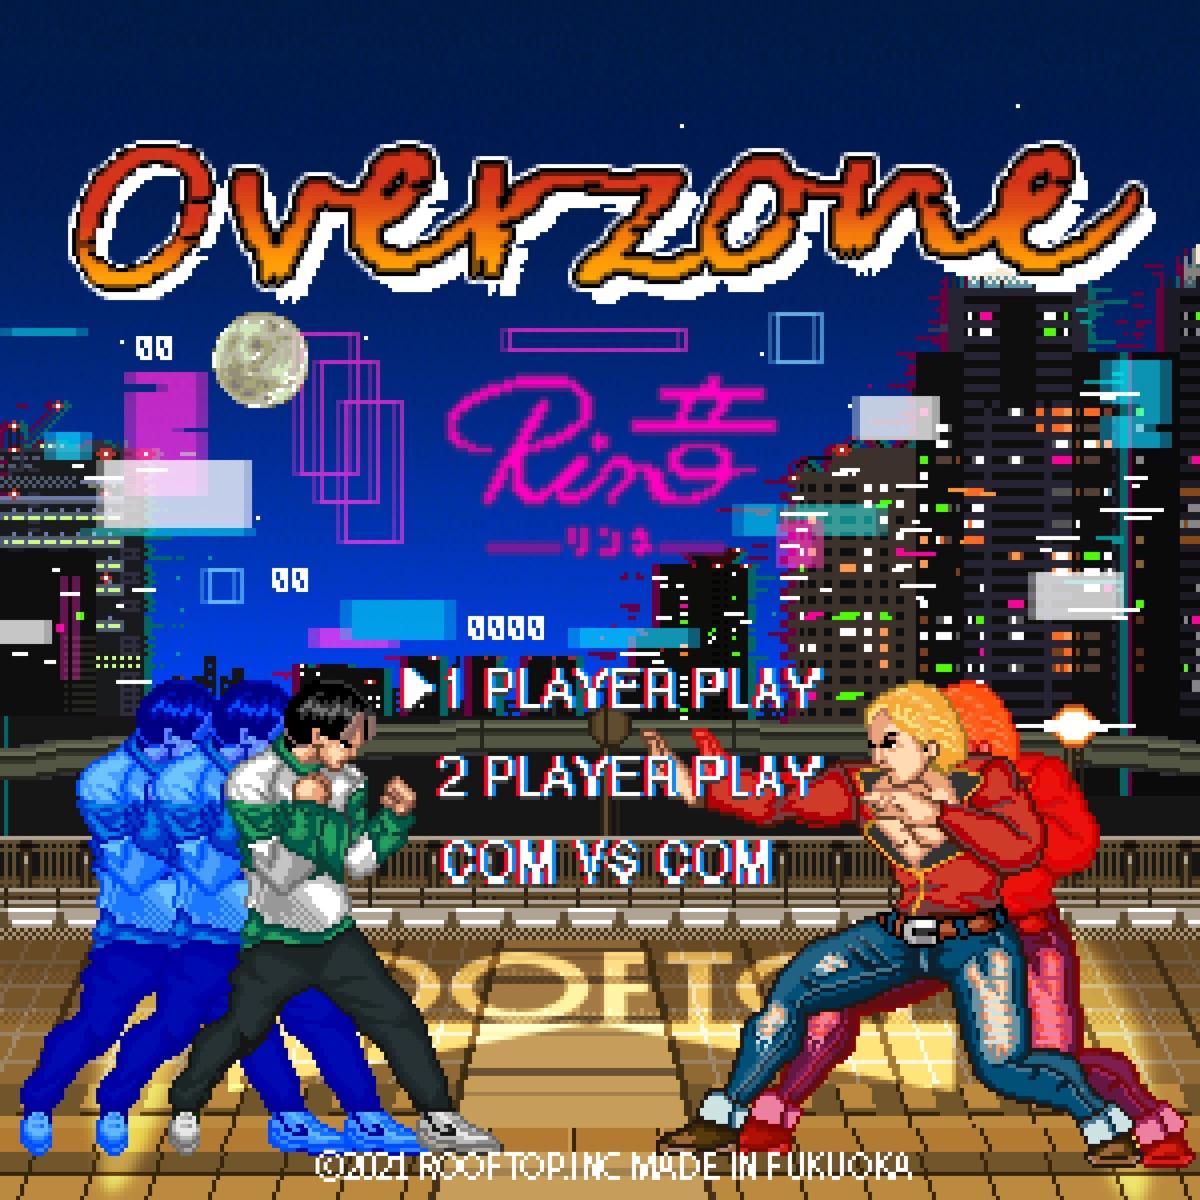 『Rin音 - overzone 歌詞』収録の『overzone』ジャケット